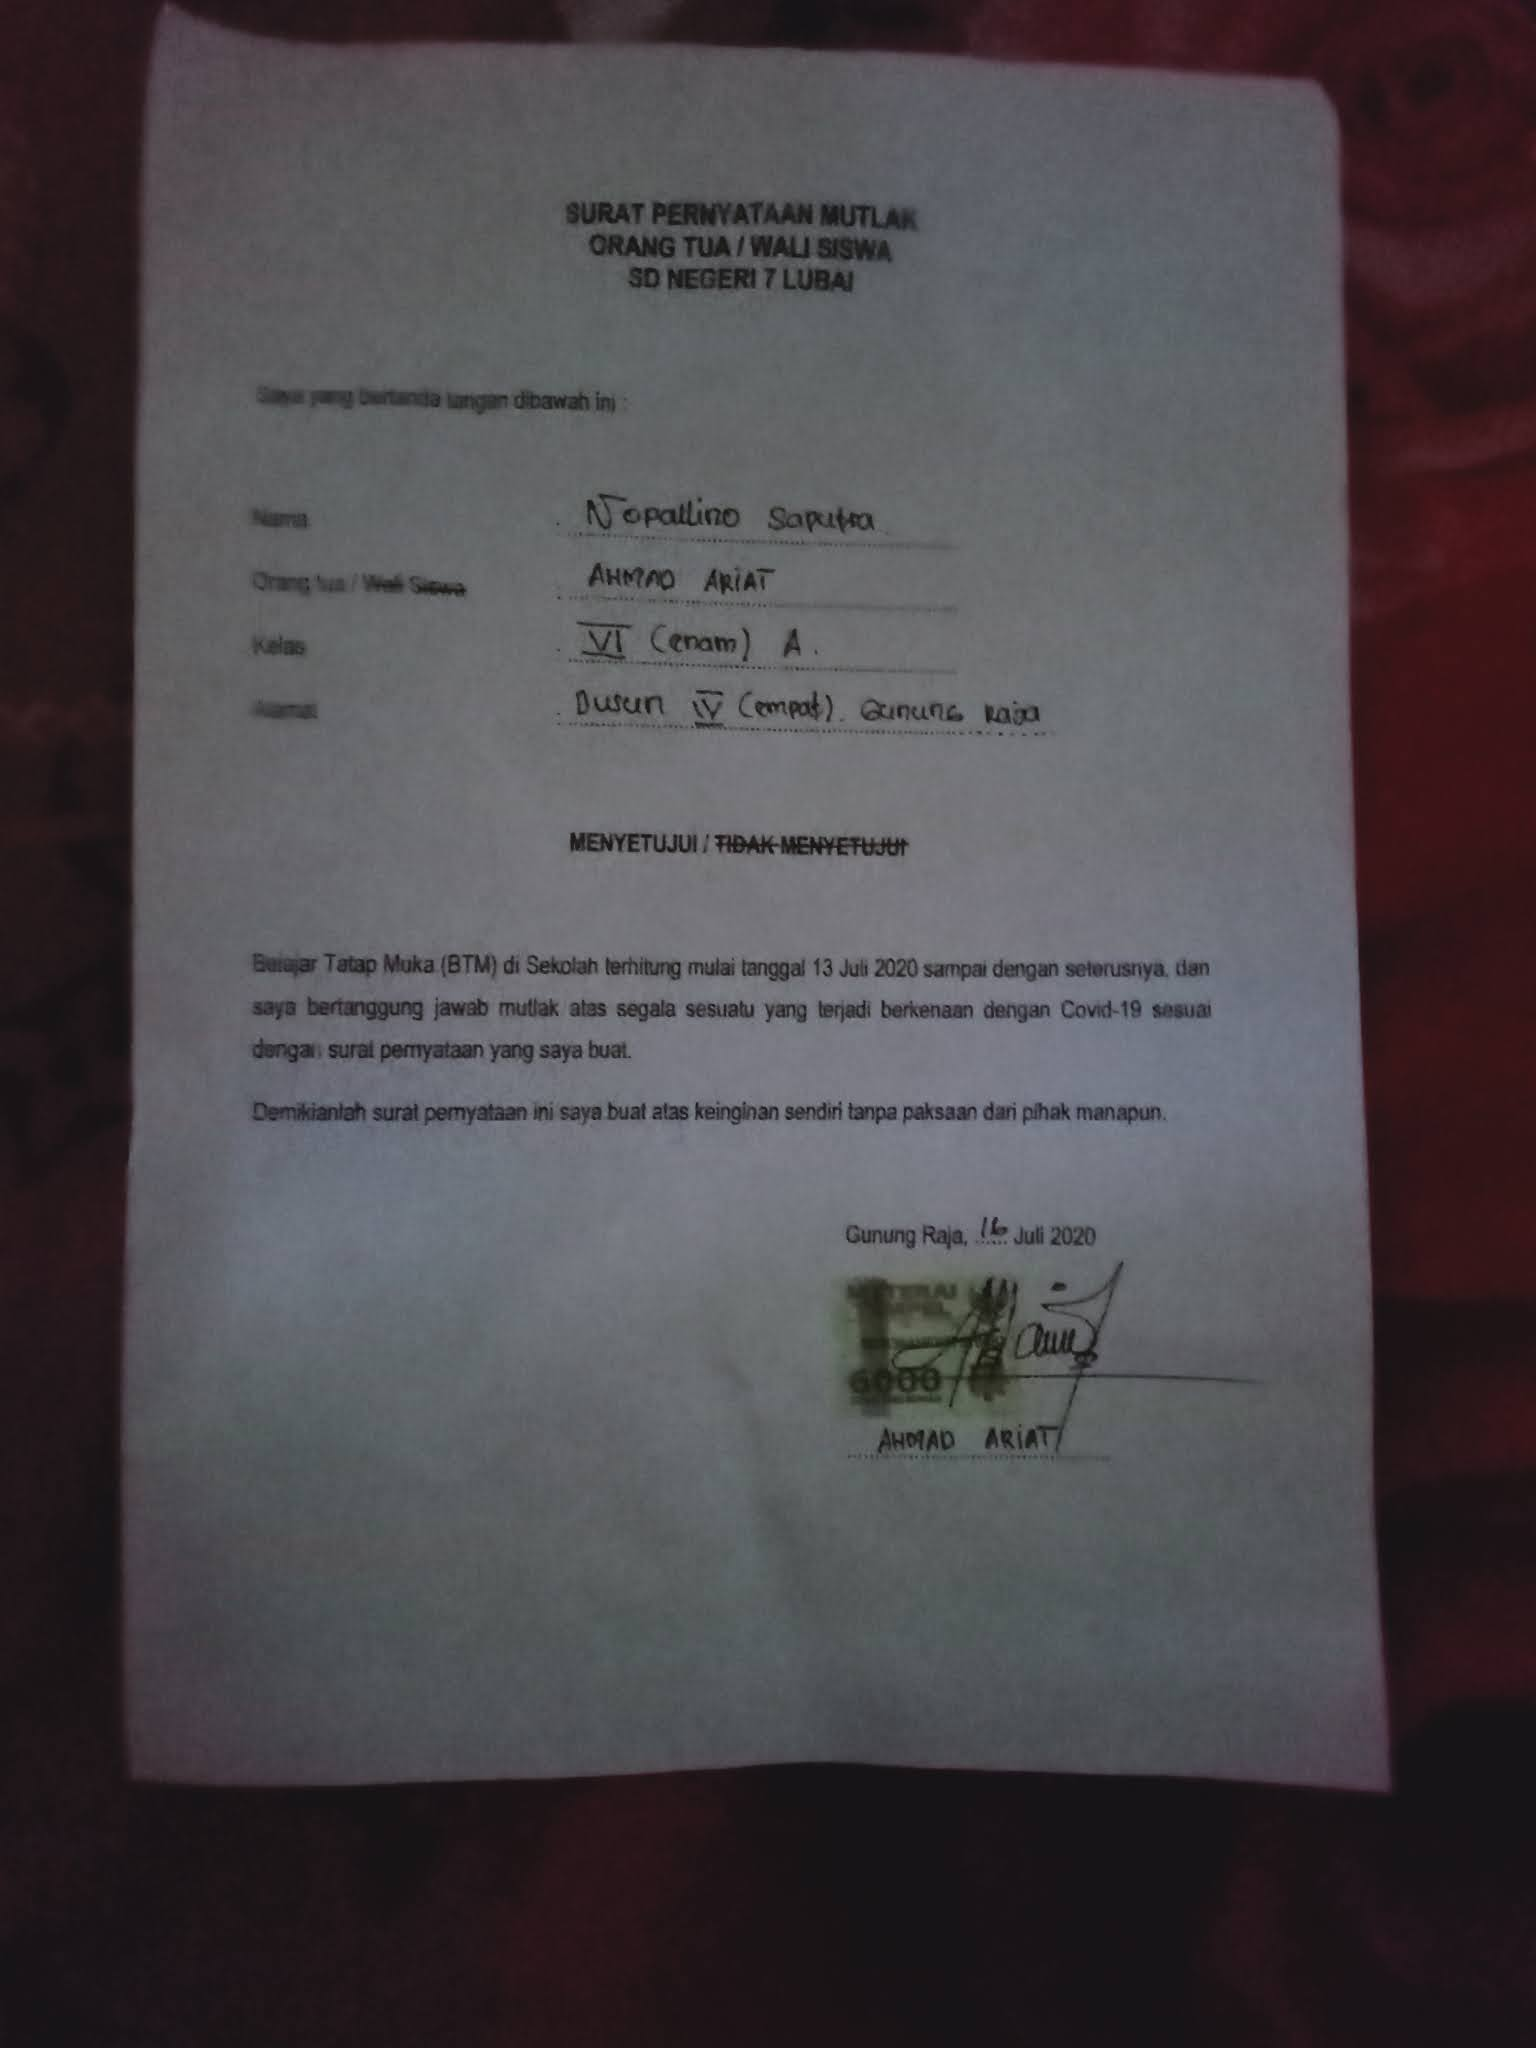 Contoh Surat Pernyataan Orang Tua Untuk Belajar Tatap Muka Contoh Lif Co Id